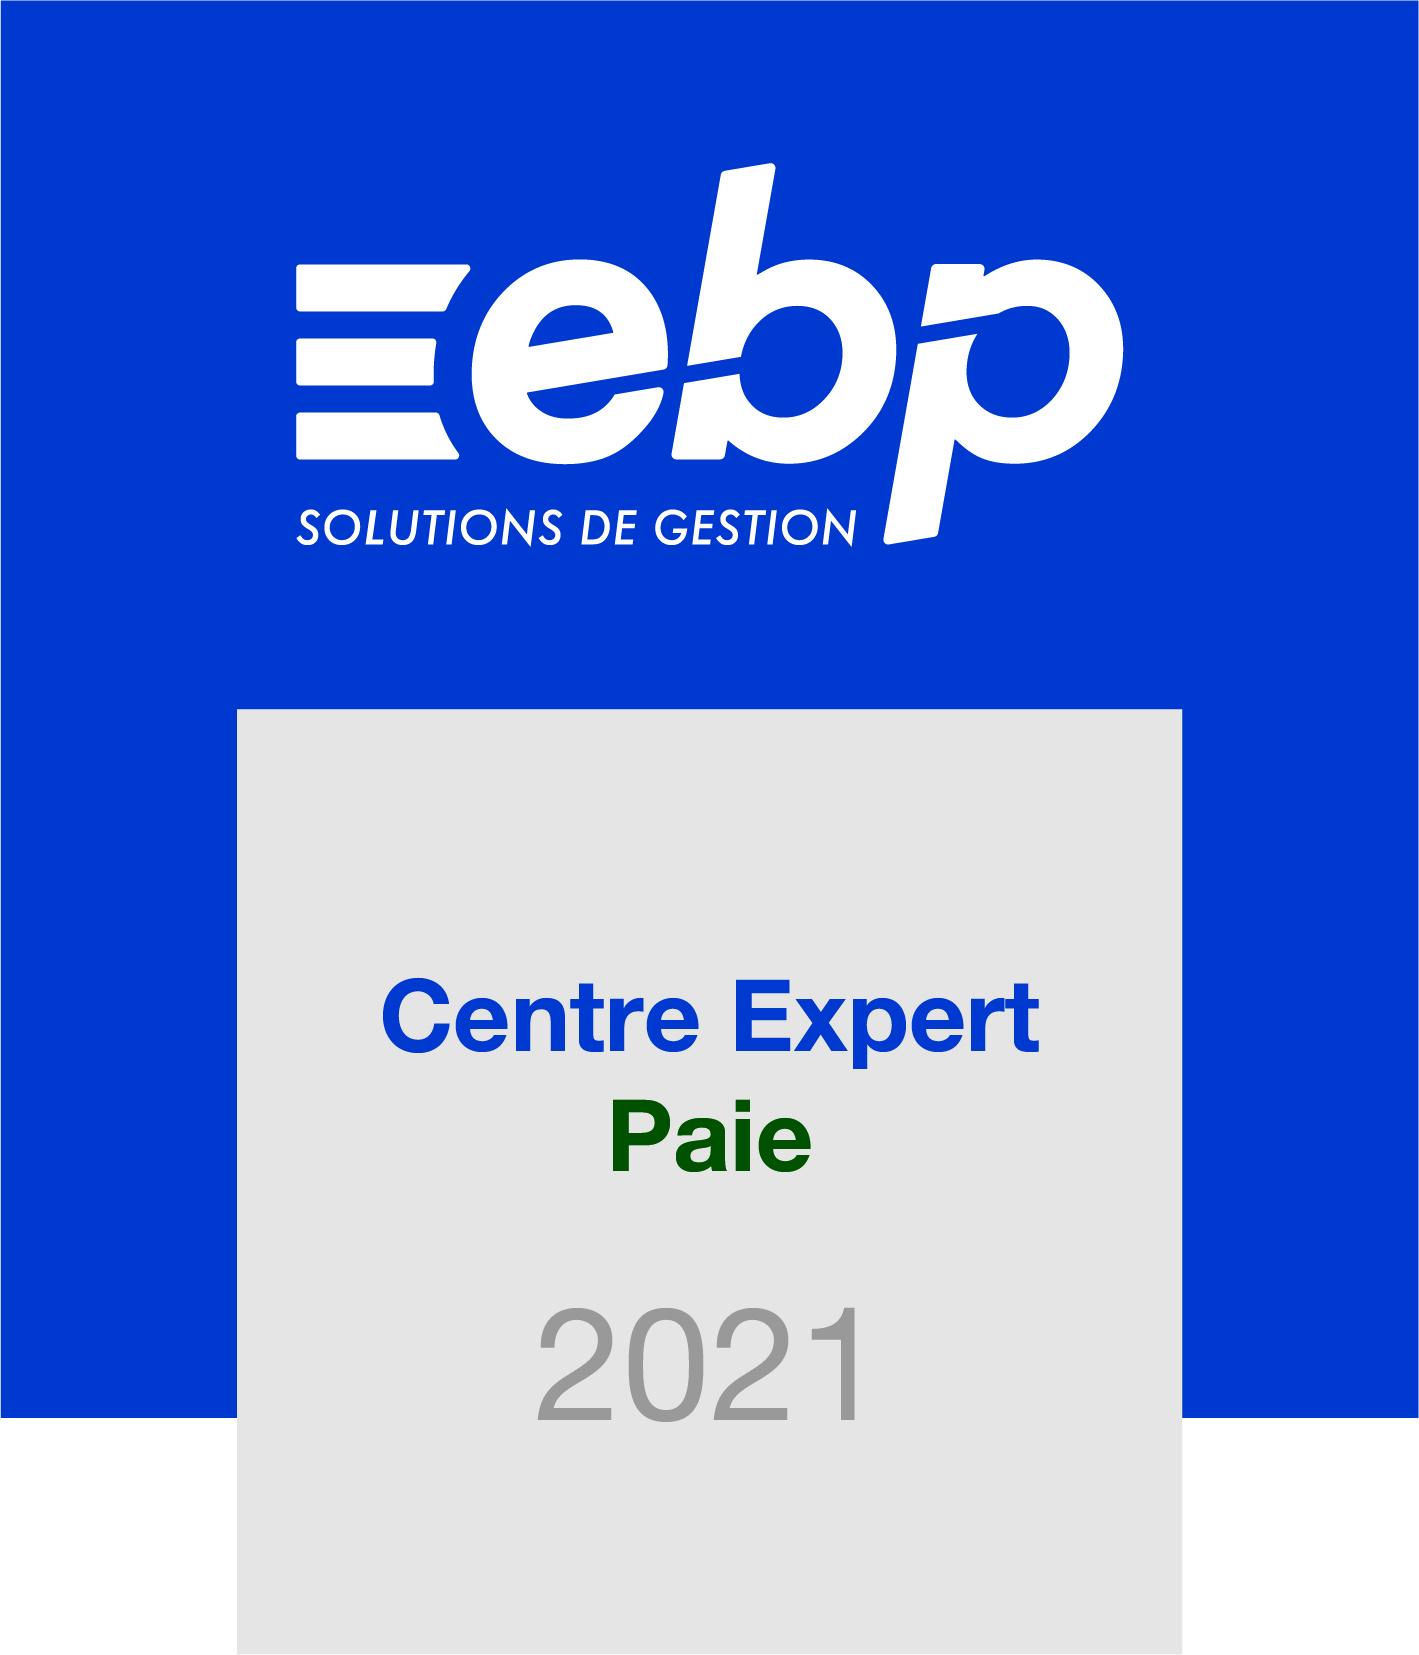 ebp Centre Expert Paie 2021